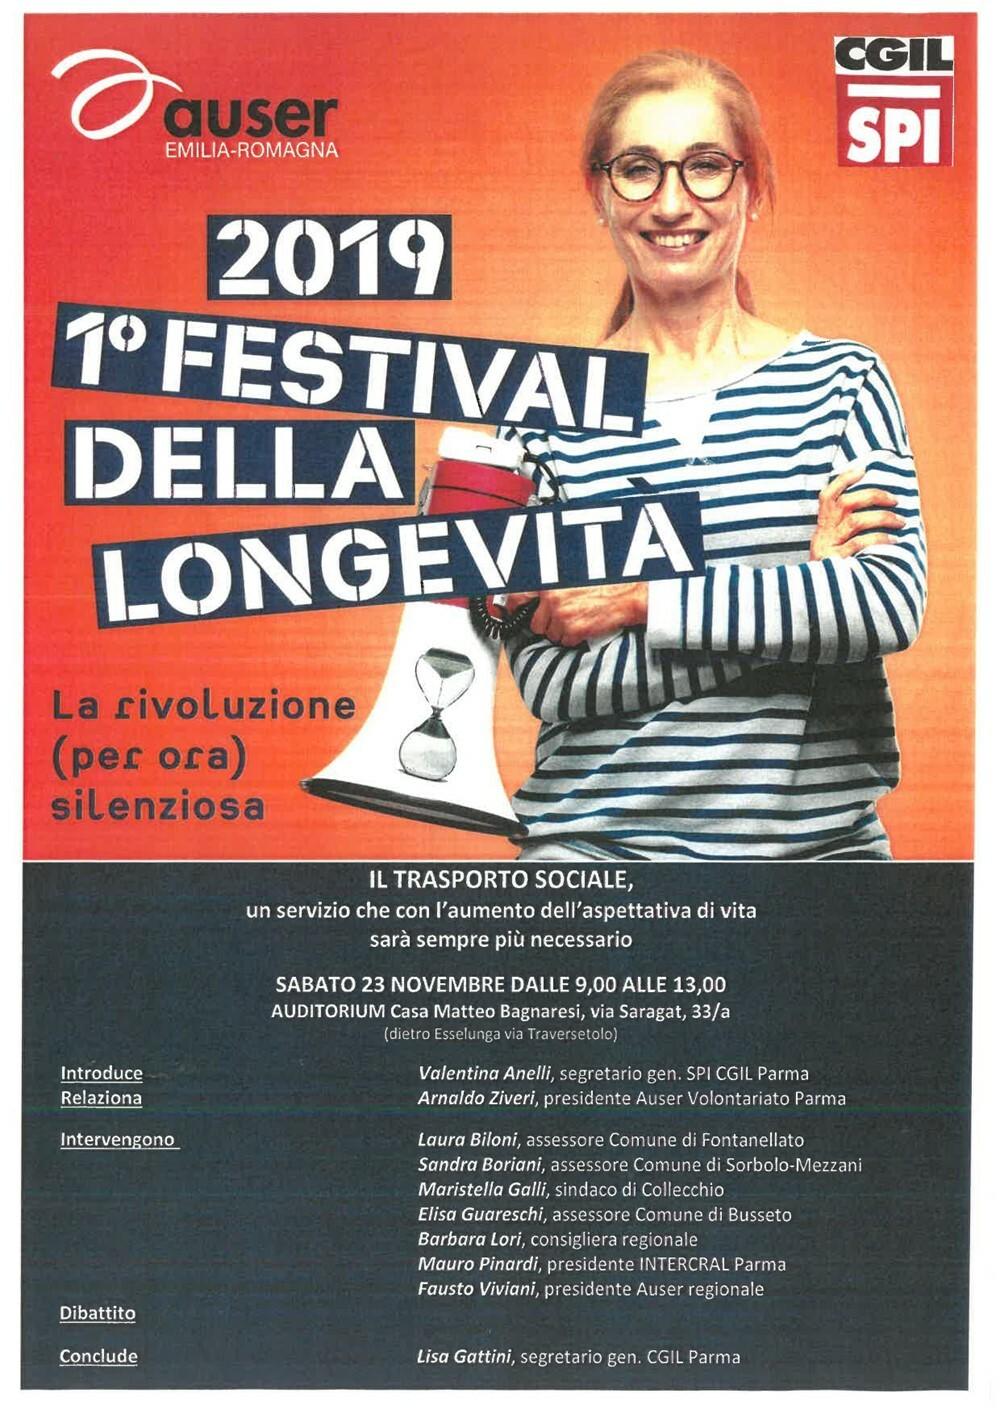 1° Festival della longevità Il 23 novembre un dibattito su trasporto sociale e invecchiamento della popolazione